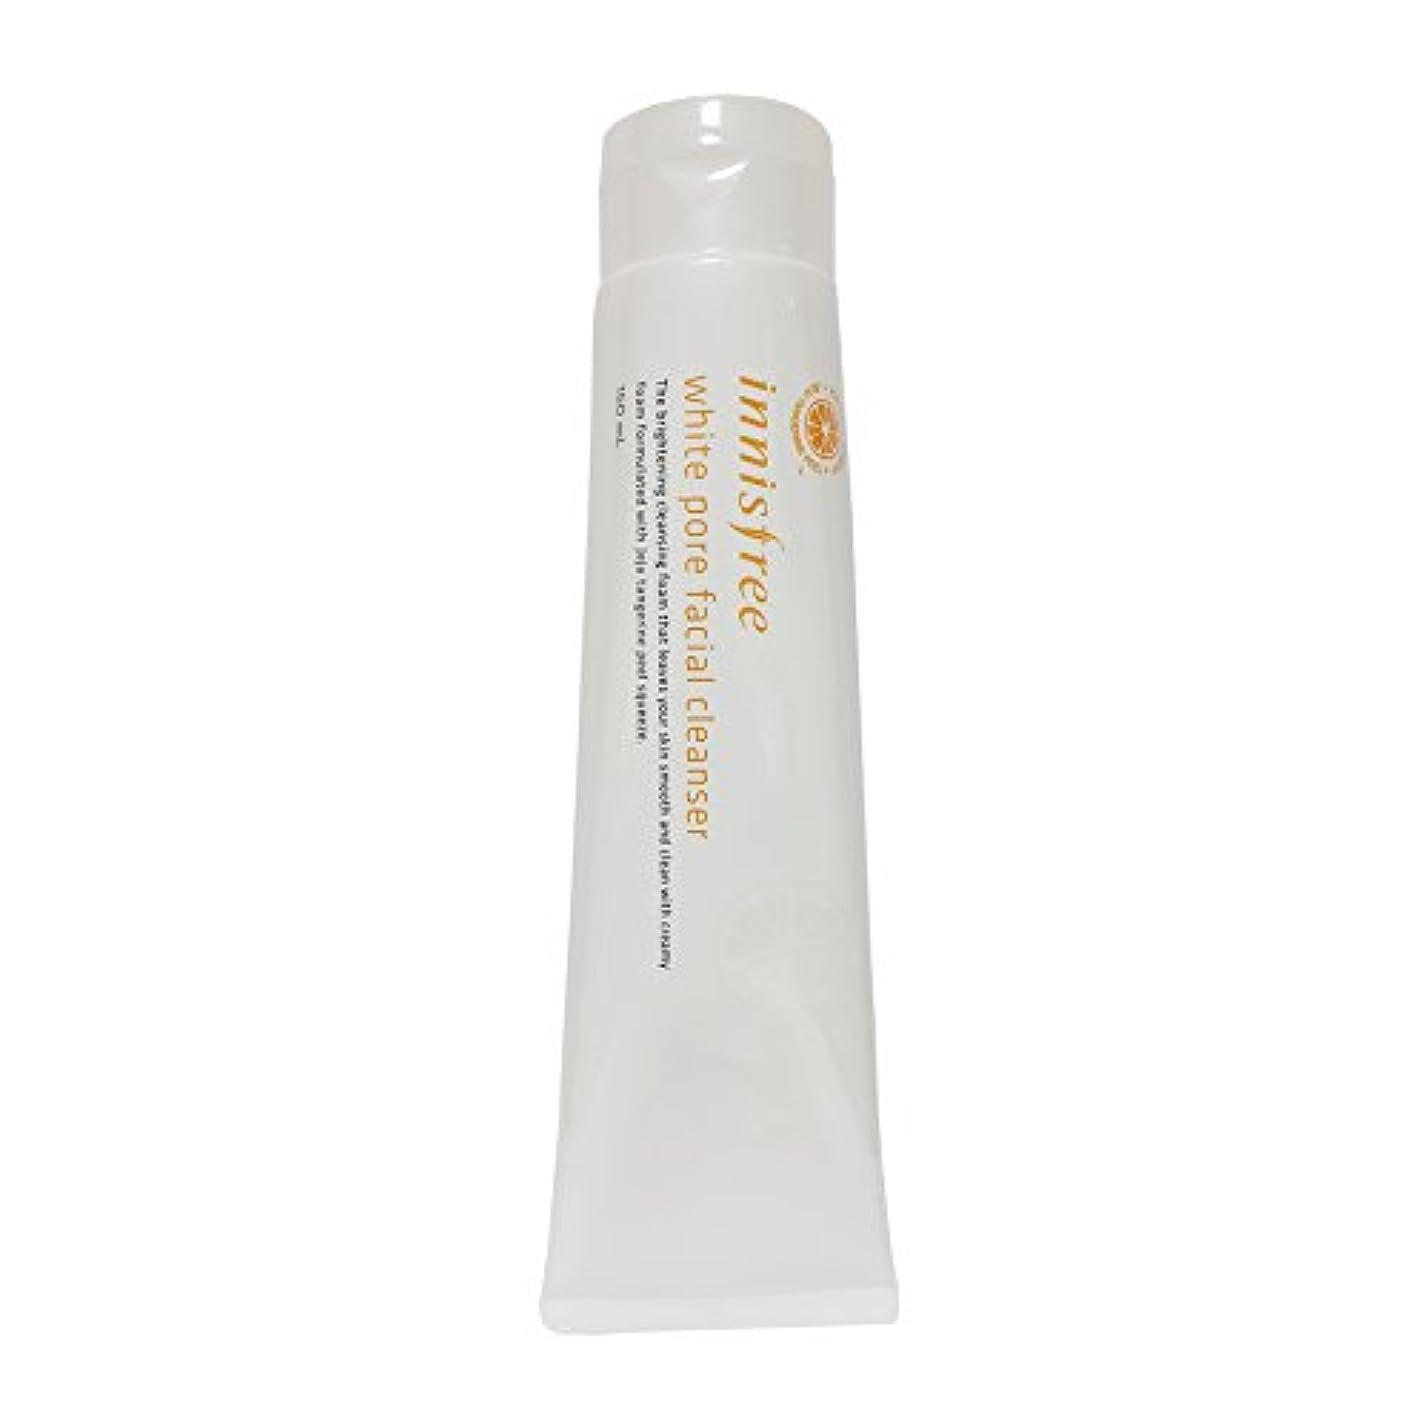 支出一晩氷[イニスフリー] Innisfree ホワイト毛穴フェイシャルクレンザー (150ml) Innisfree White Pore Facial Cleanser(150ml) [海外直送品]